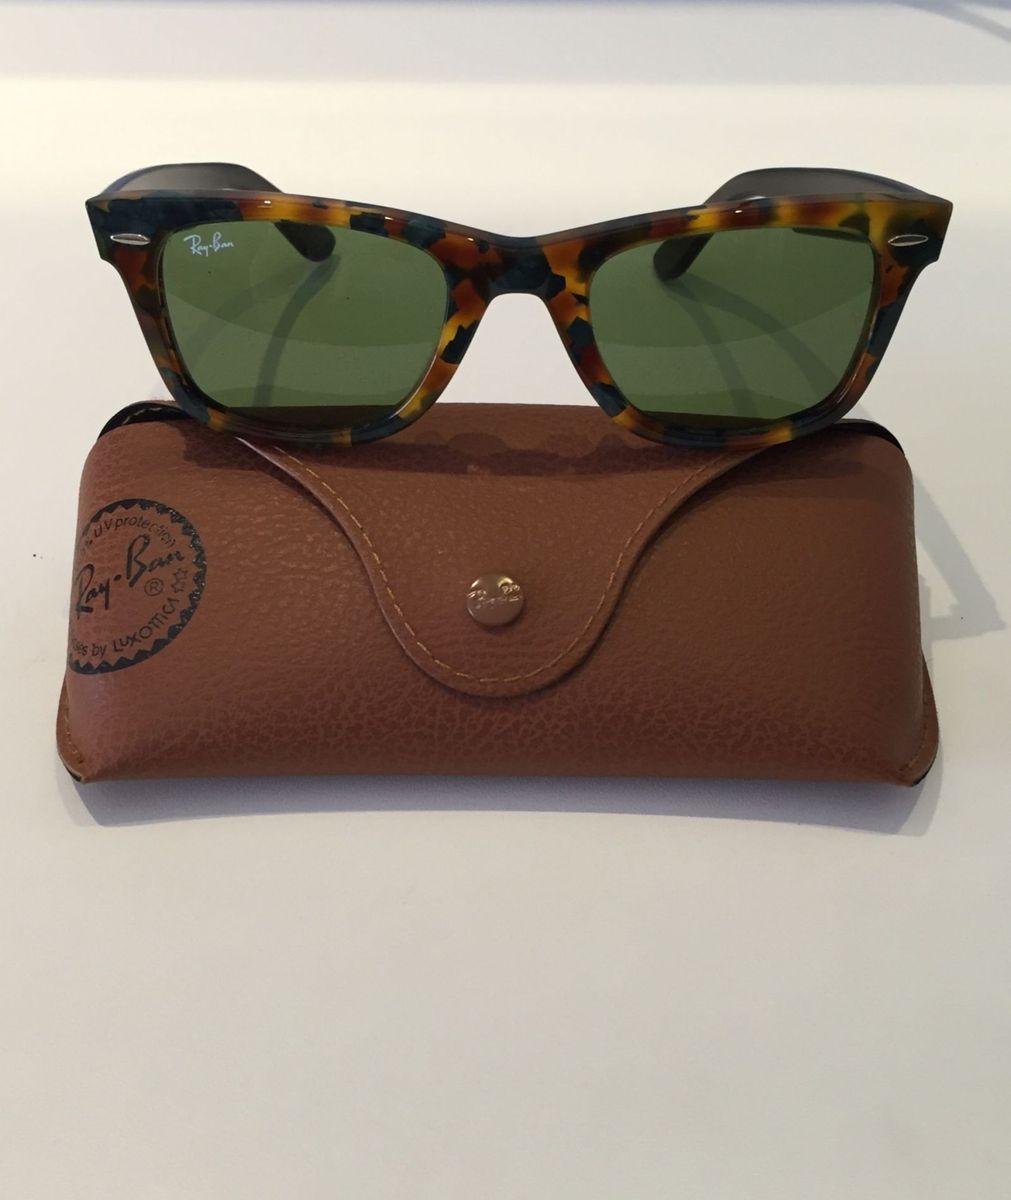 2196add32 ray ban lindo novinho - óculos ray-ban.  Czm6ly9wag90b3muzw5qb2vplmnvbs5ici9wcm9kdwn0cy81mjmwodcyl2zkndaxzdexnmflzmnhymniodi1yzq2ngjmnjcwyzy3lmpwzw